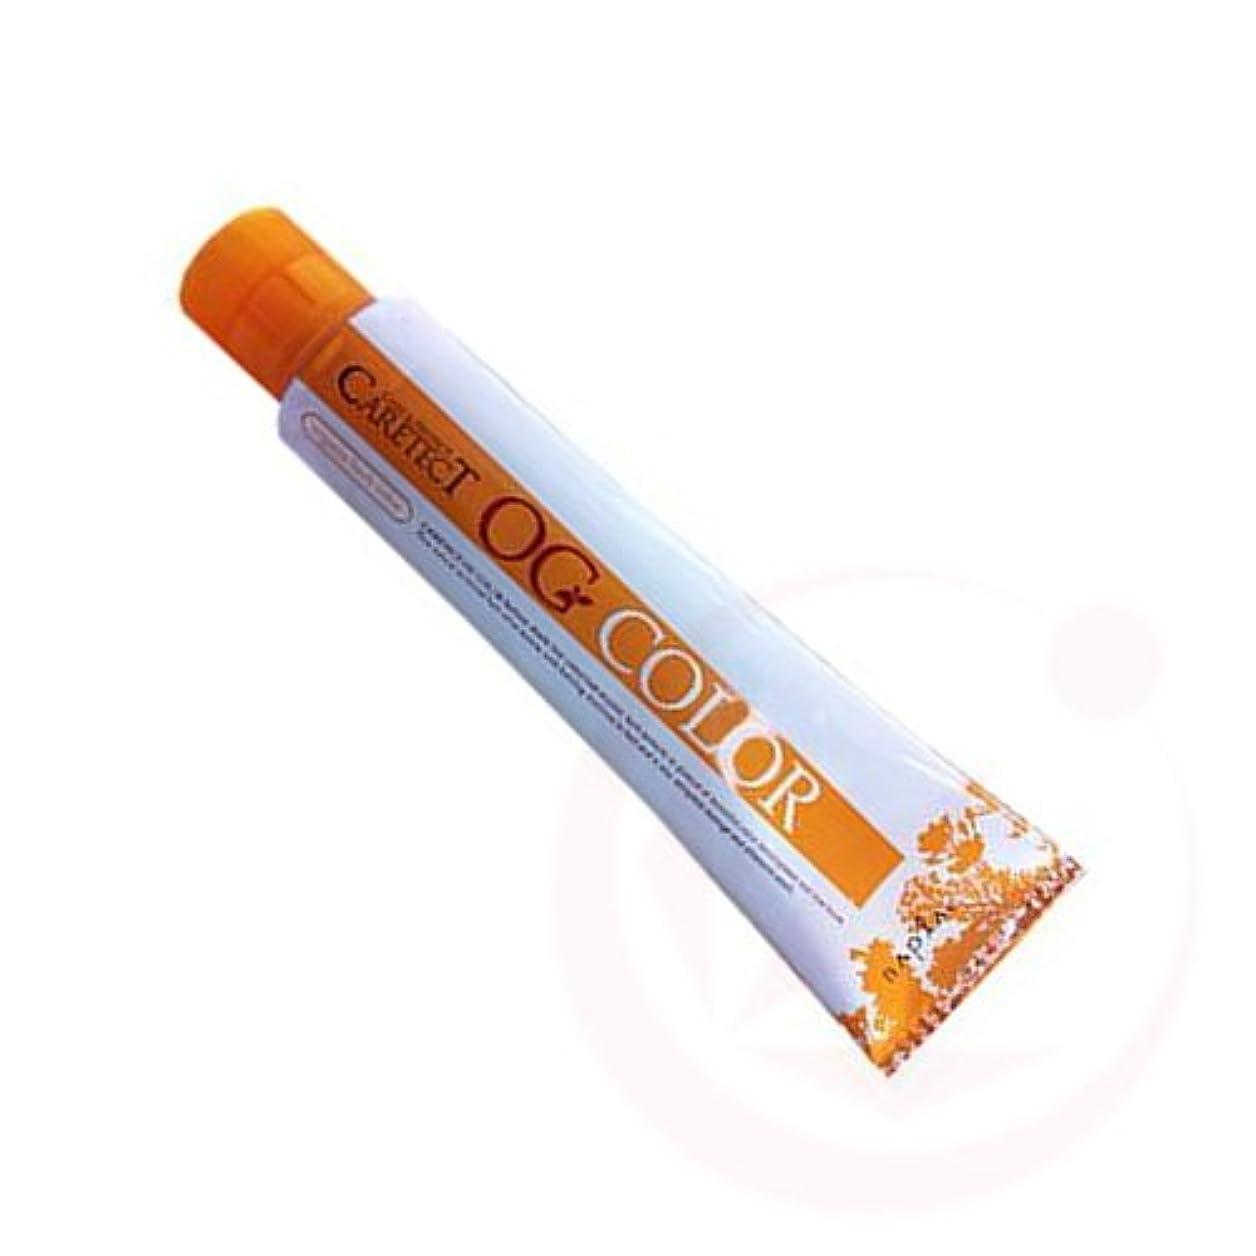 微生物鮮やかな失態ナプラ ケアテクトOG カラー ファッションシェード バイオレット 80g(1剤) OF-10Vi